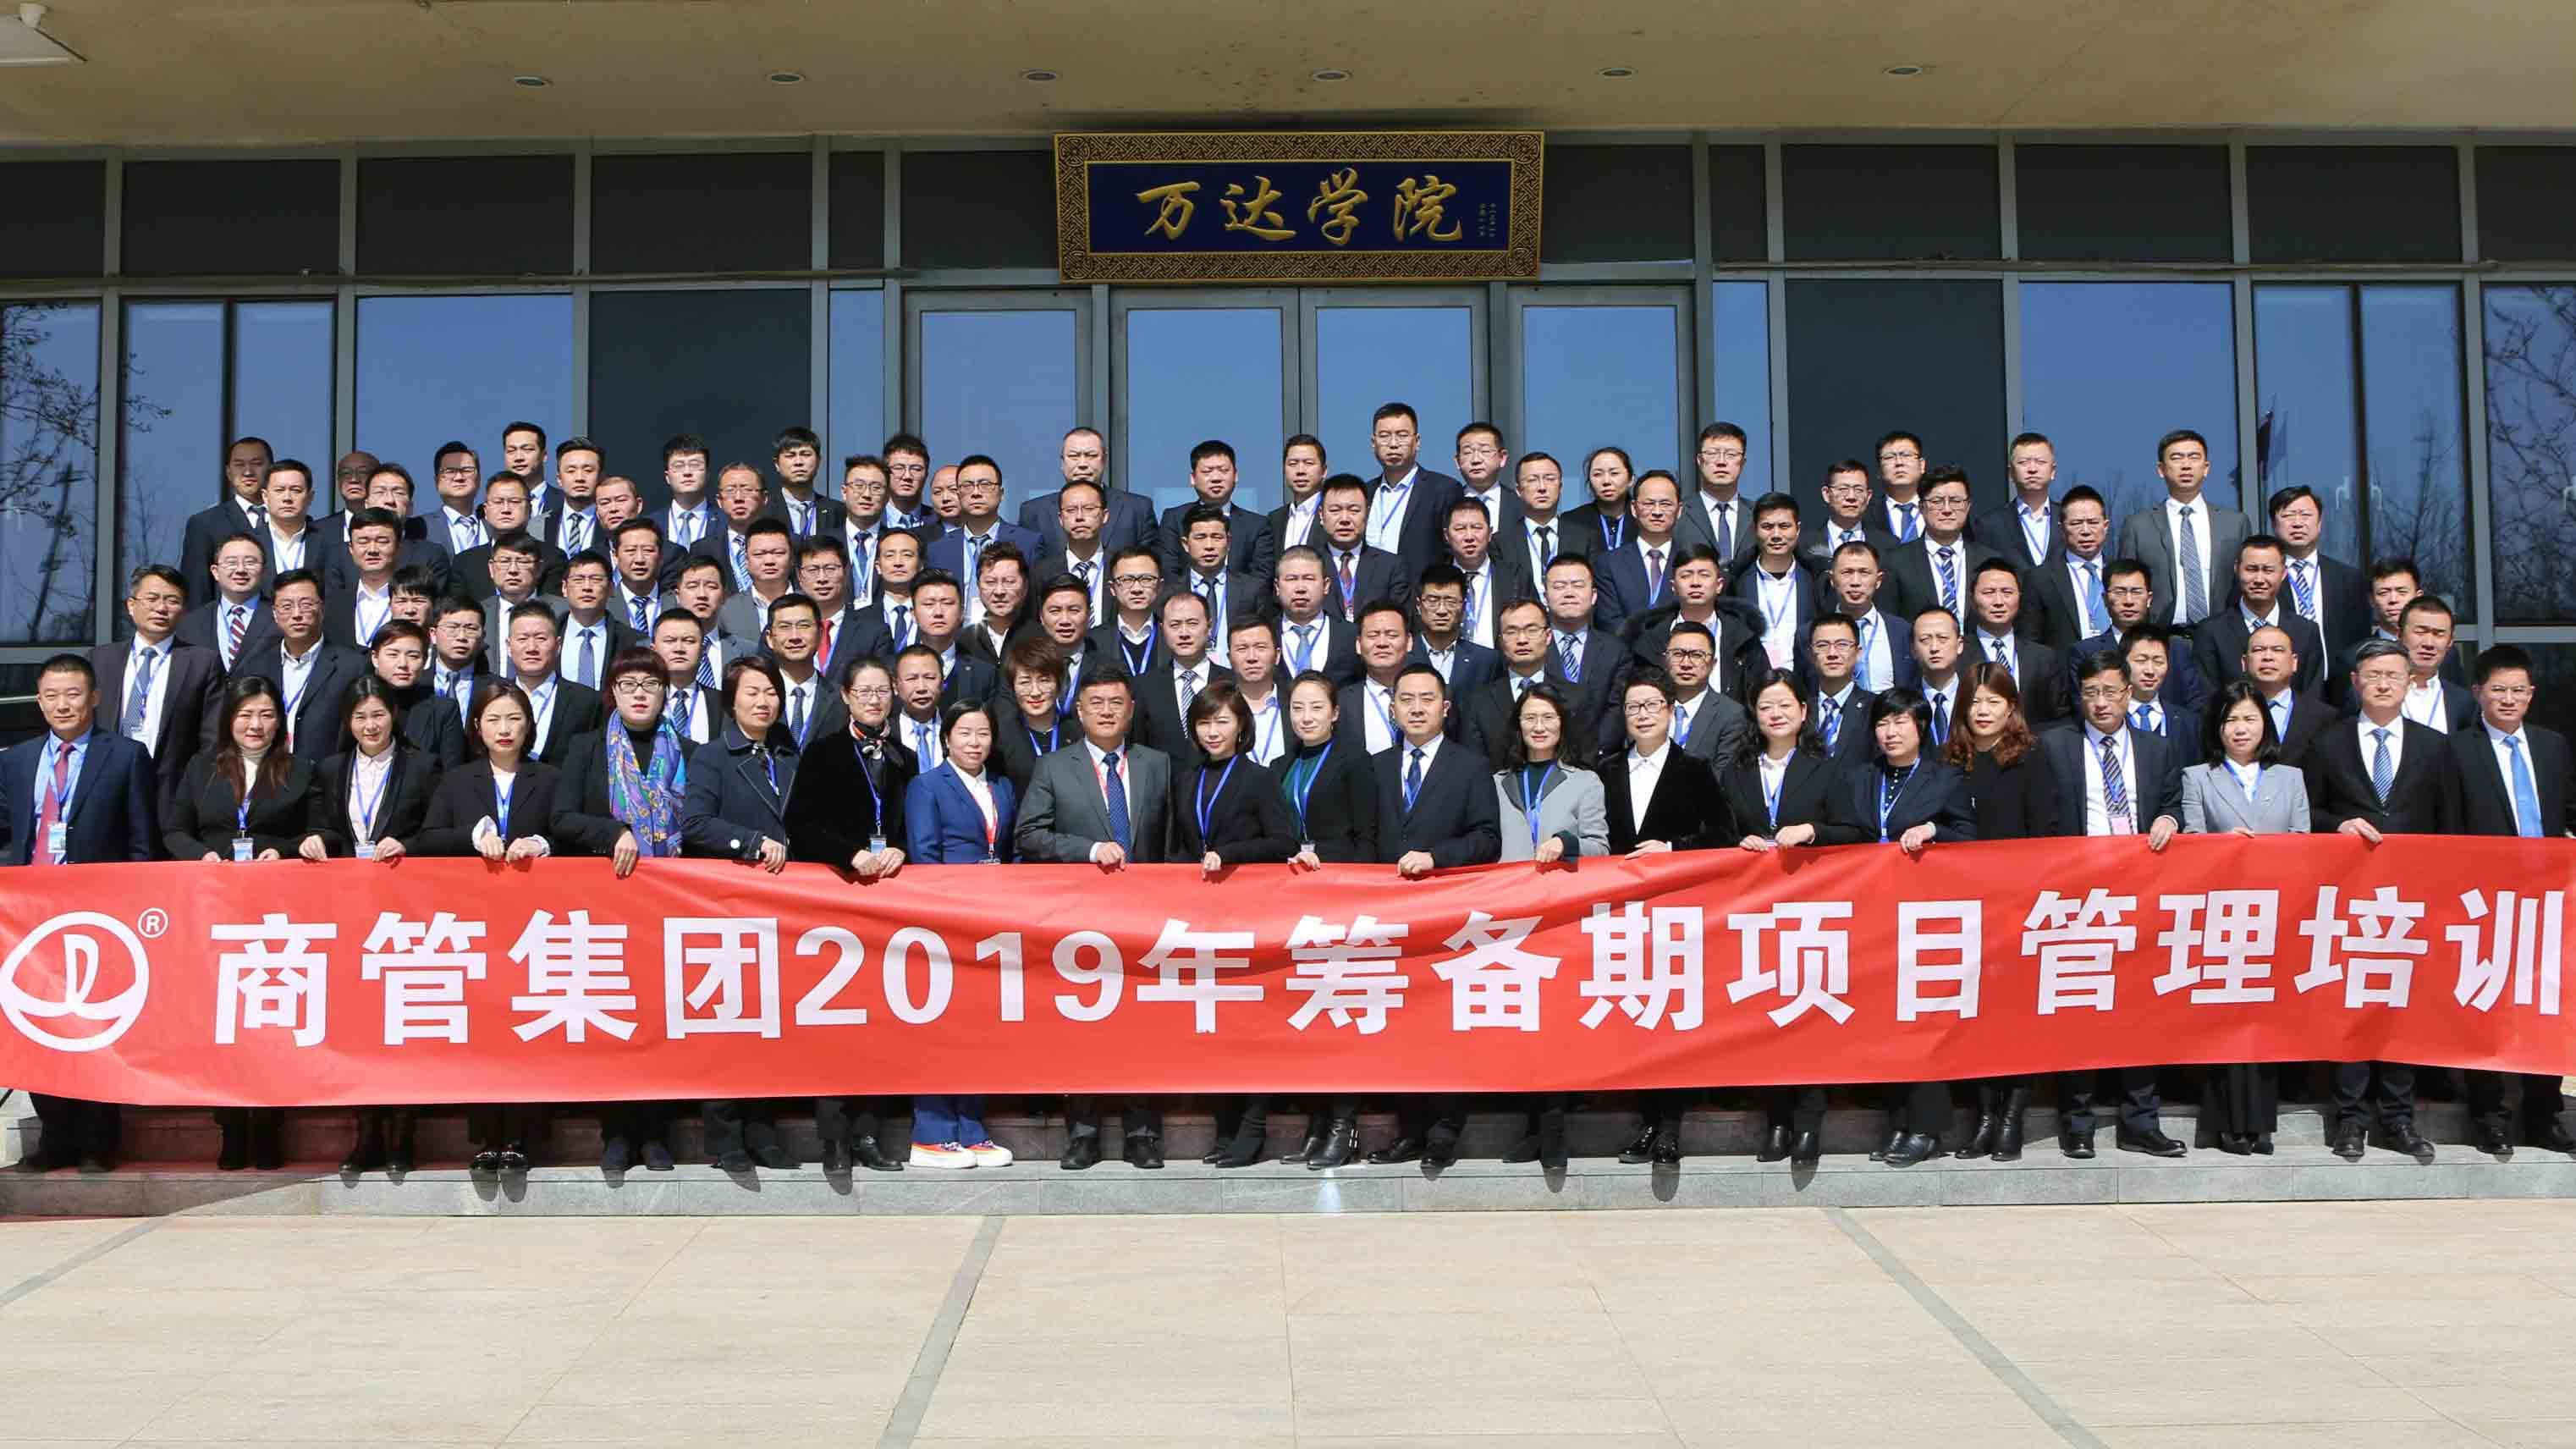 万达商管集团举办2019筹备期广场专项业务培训